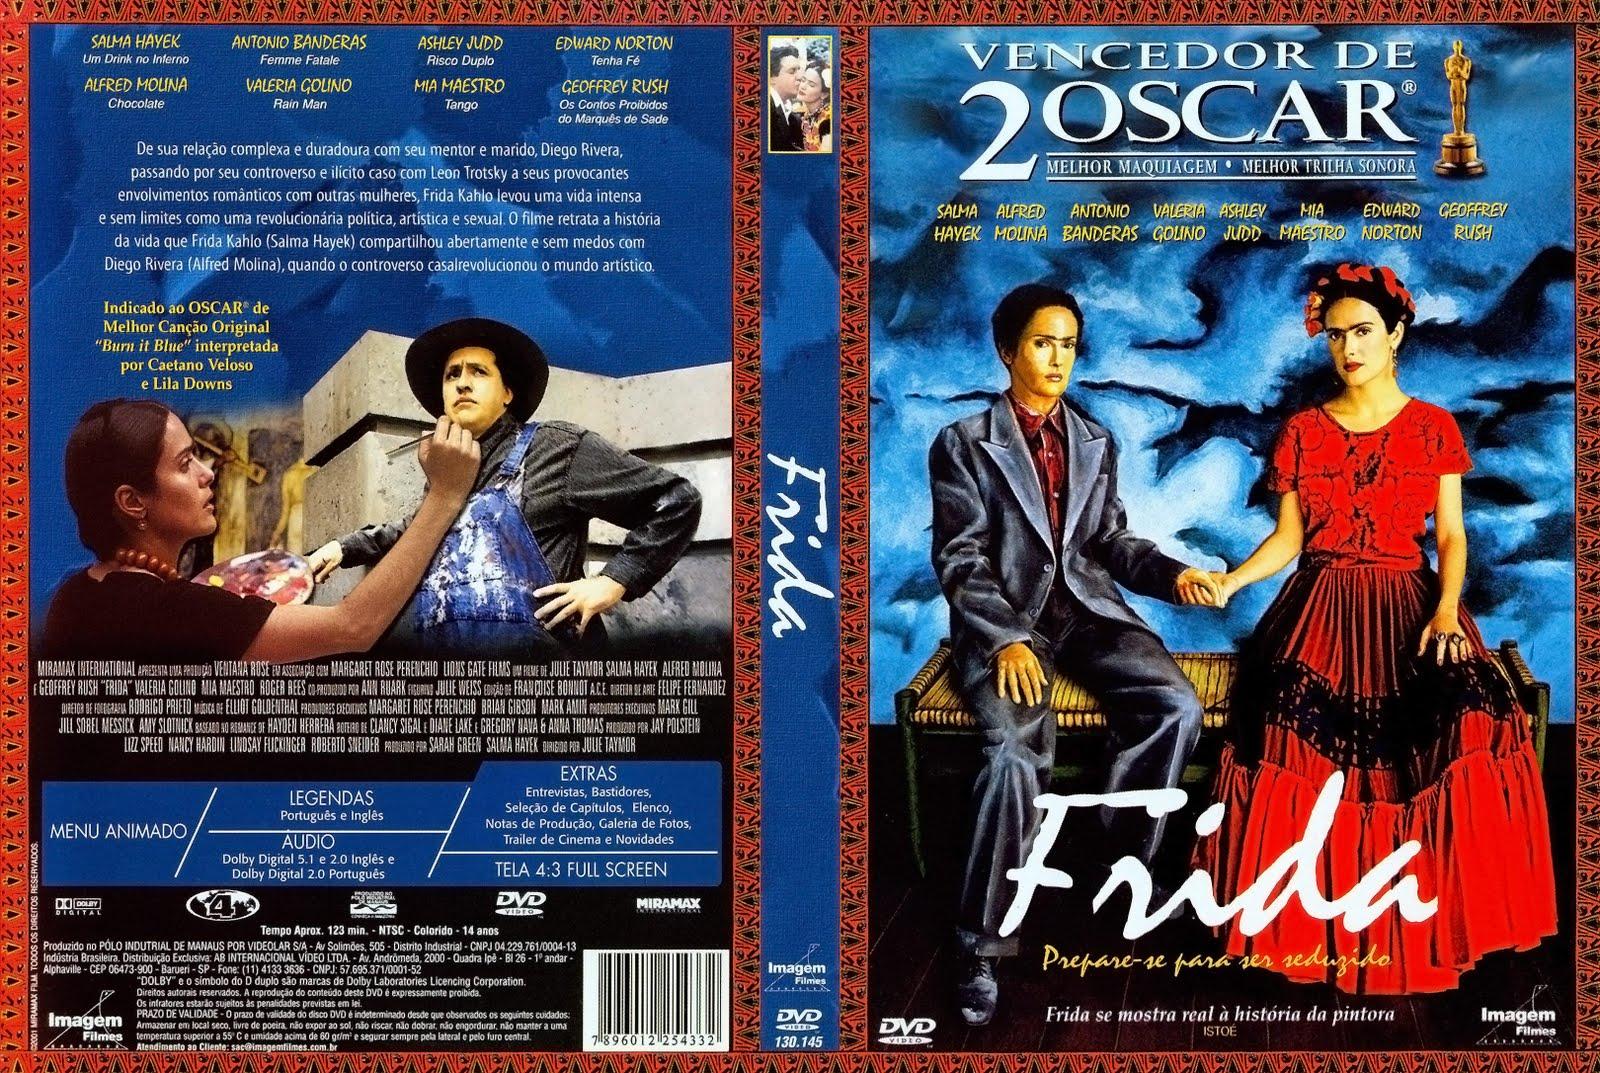 http://2.bp.blogspot.com/_UIkyBpFTkN0/TDsg-QC_zjI/AAAAAAAAAHM/SMYtGBkSrcw/s1600/Frida.jpg